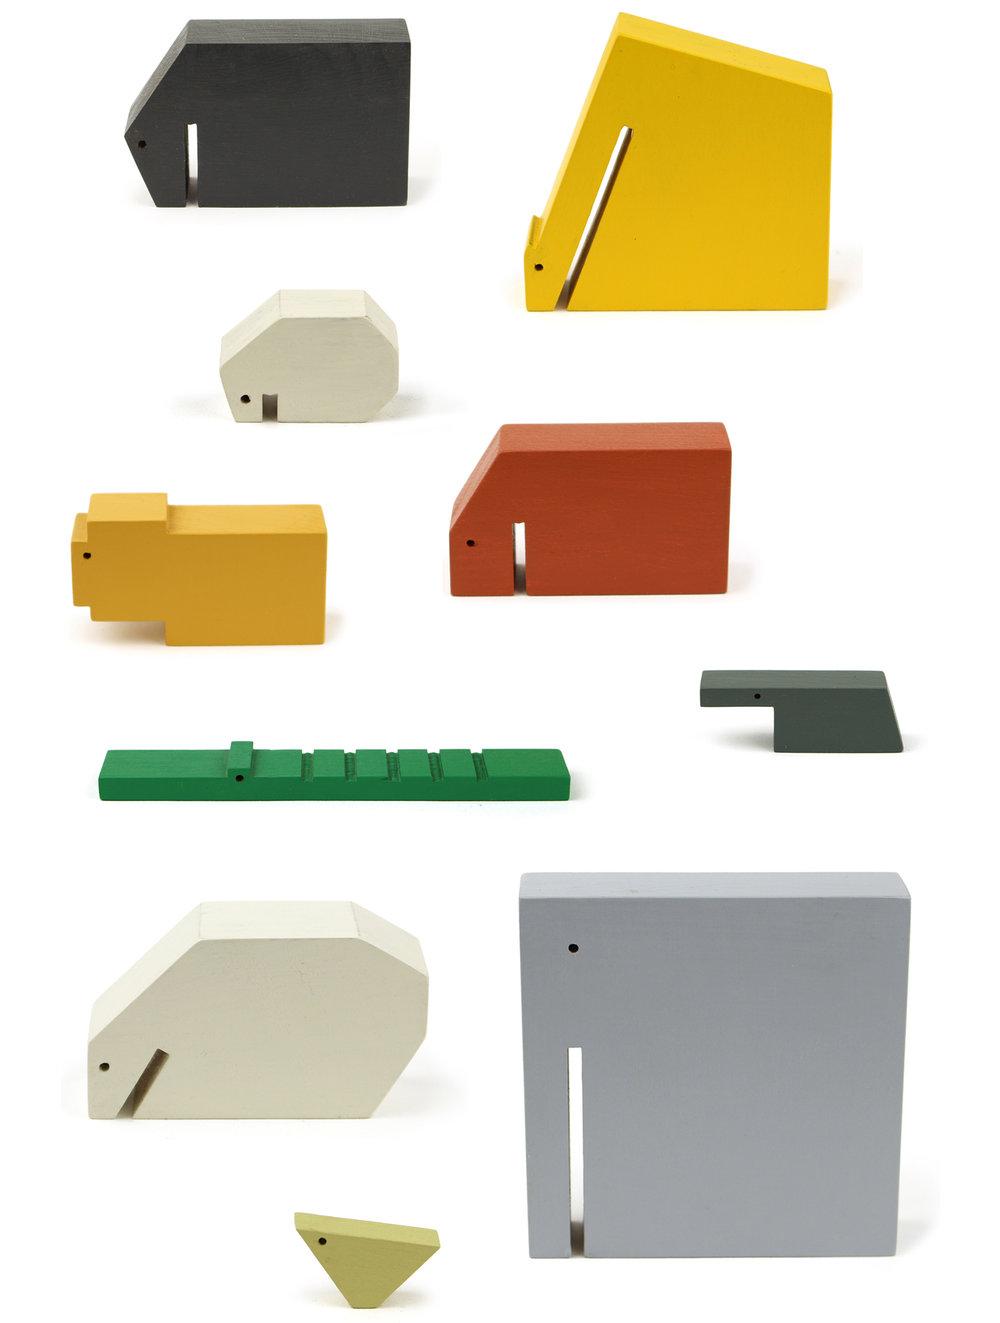 策展人:仅依靠轮廓和色彩便勾勒了动物的形象,减少了纷繁复杂的细节,让您可以尽情发挥想象力,丰富它们的使用场景。 - 荷兰设计师Floris Hovers设计了这一系列的木制动物饰品。动物的形态回归至简,颜色和形状的巧妙融合,共同构成了设计师标志性的风格。